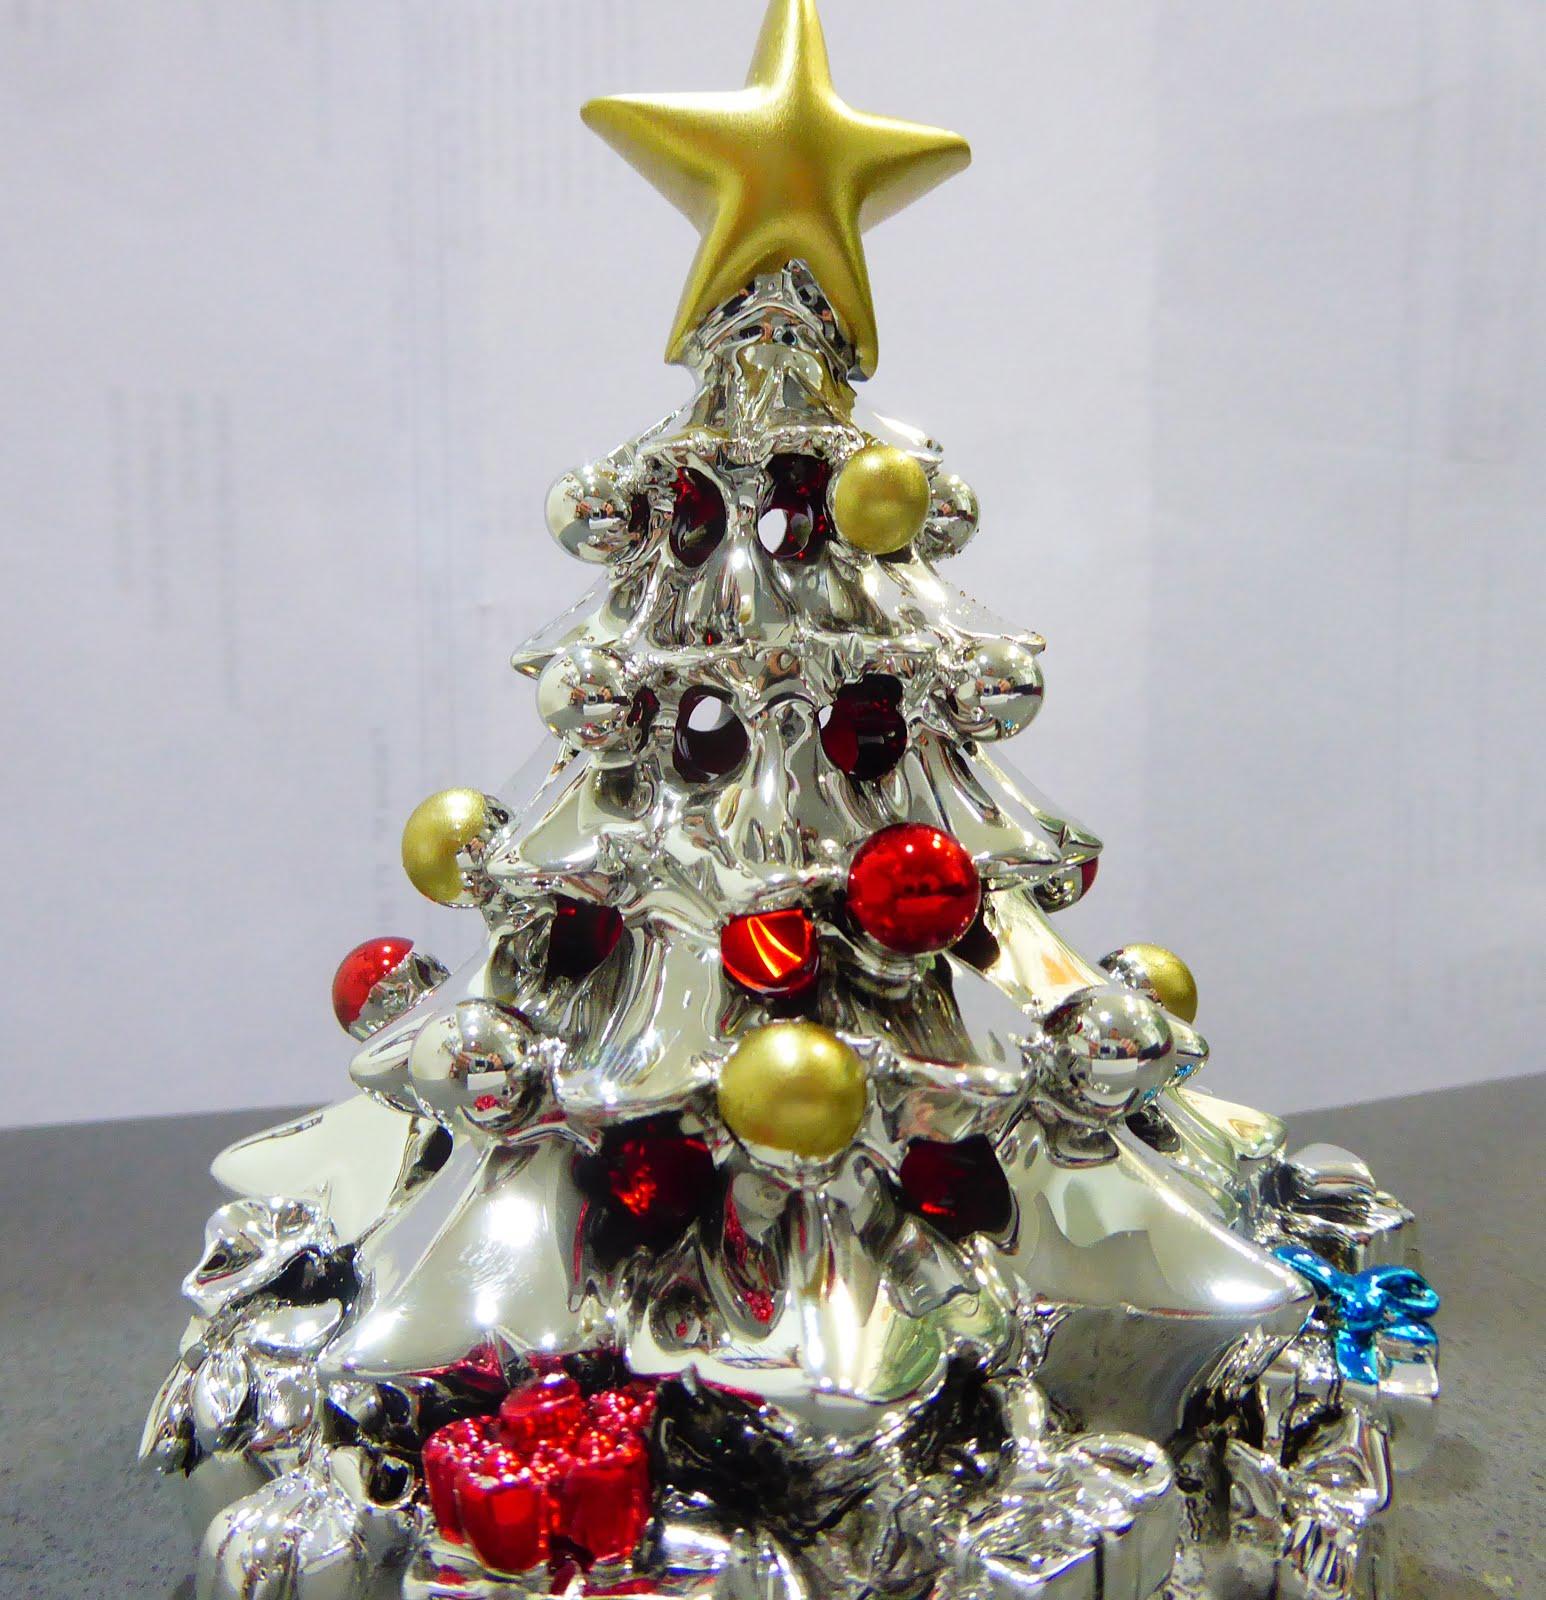 Árbol de Navidad en Plata, 12 cm, con luces de varios colores led